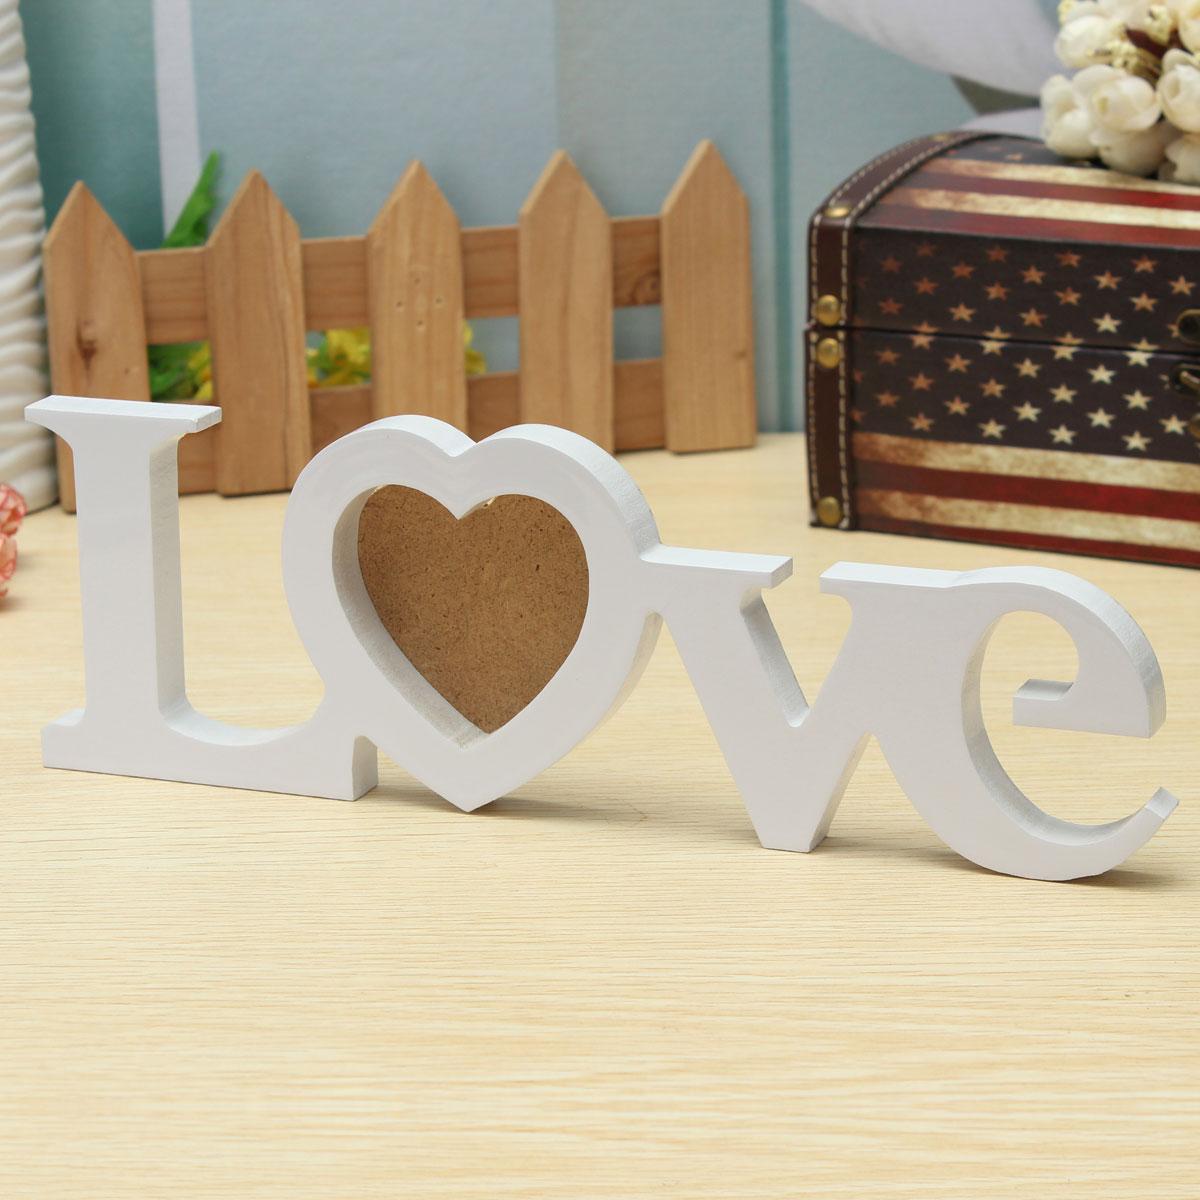 Diy Wedding Gift Malaysia : ... Frame DIY Wedding Gift Home Room Table Decor White Lazada Malaysia